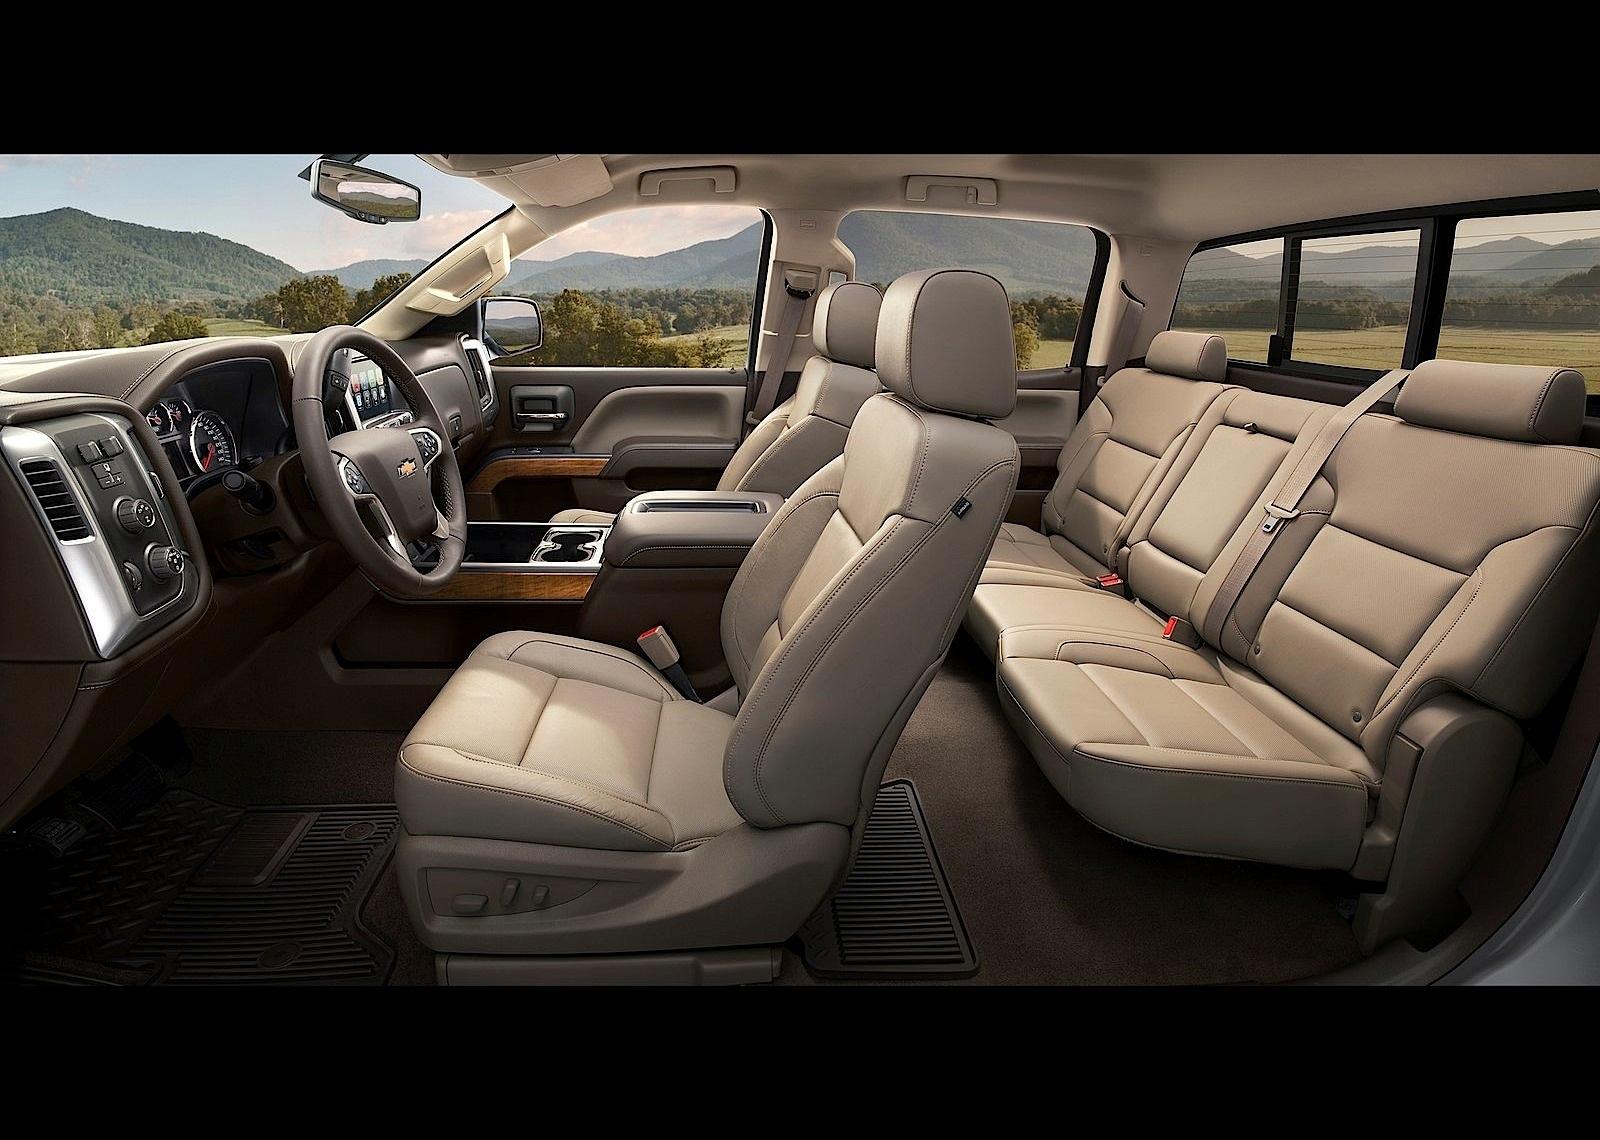 Seat 2012 Covers Tacoma